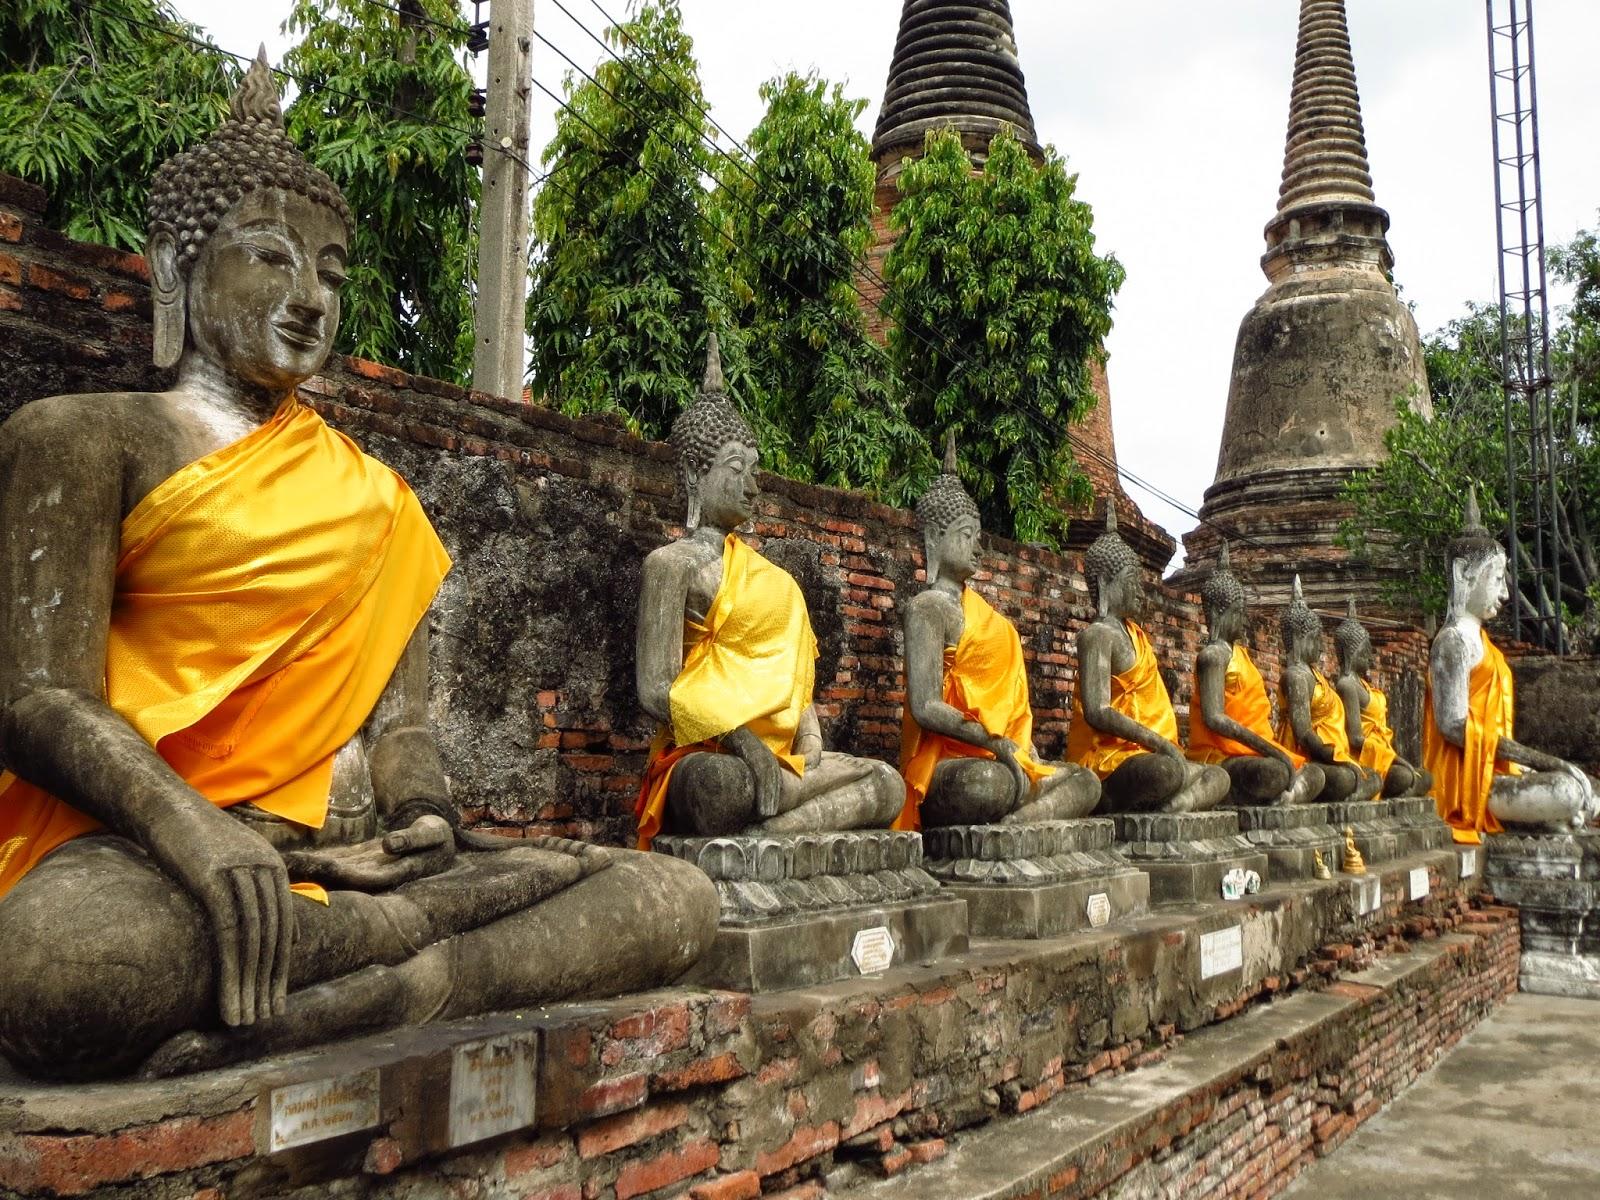 Hanh trinh du lịch Thái Lan